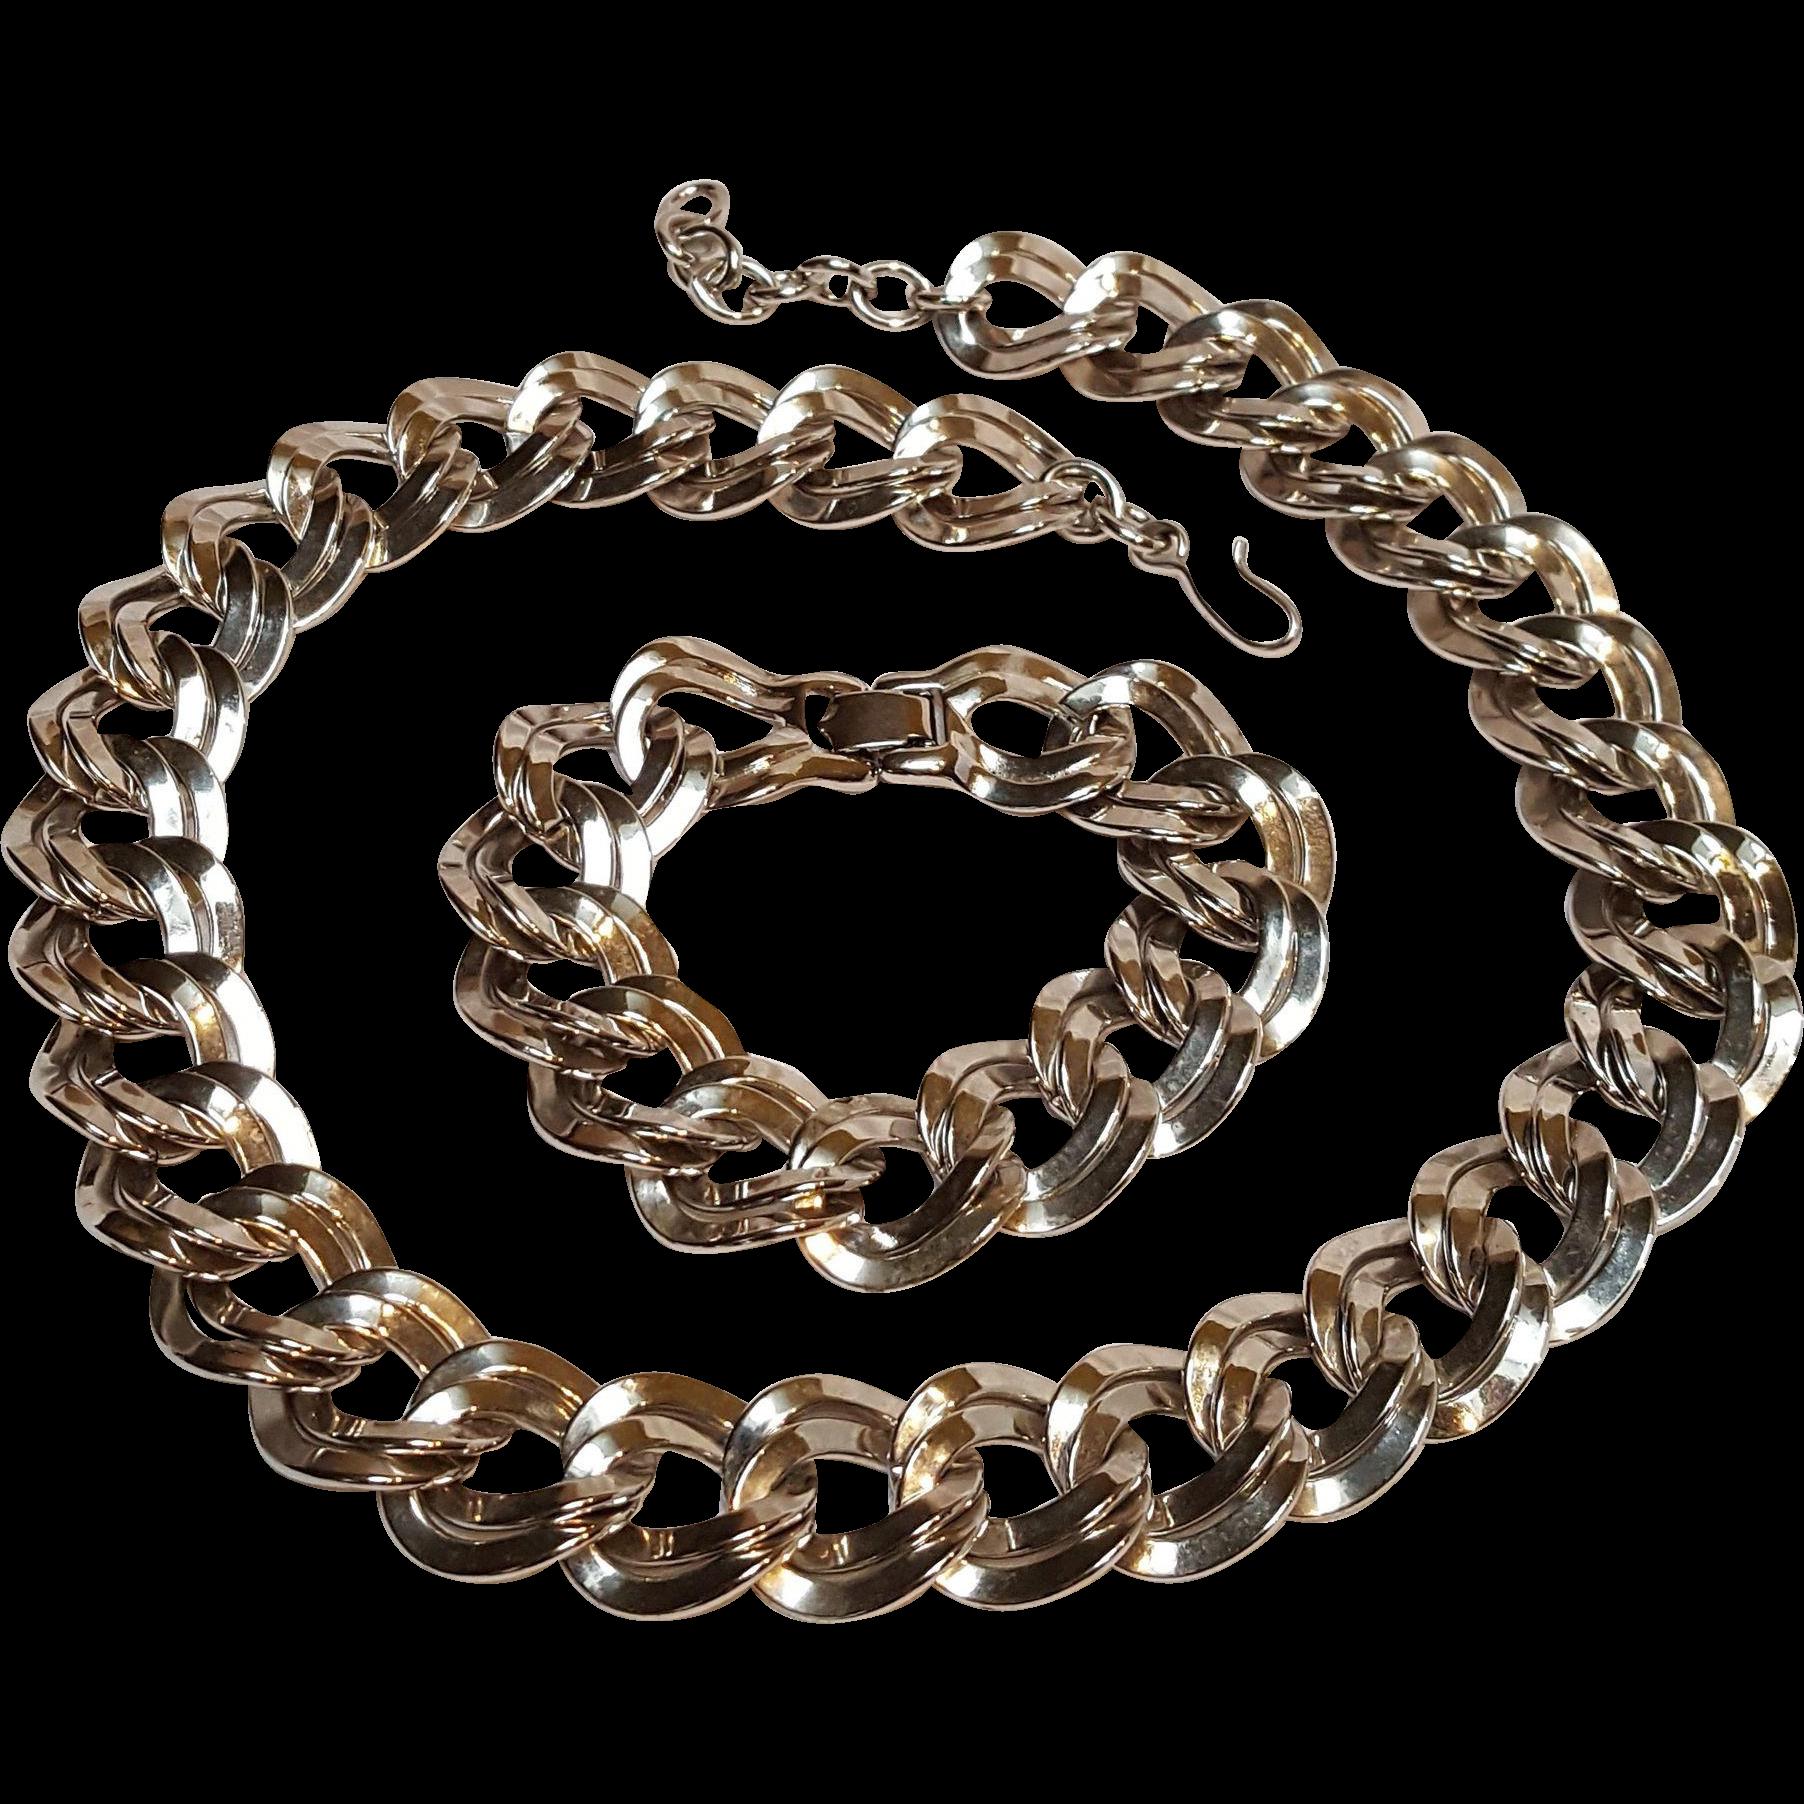 Monet double flat link chain necklace bracelet set